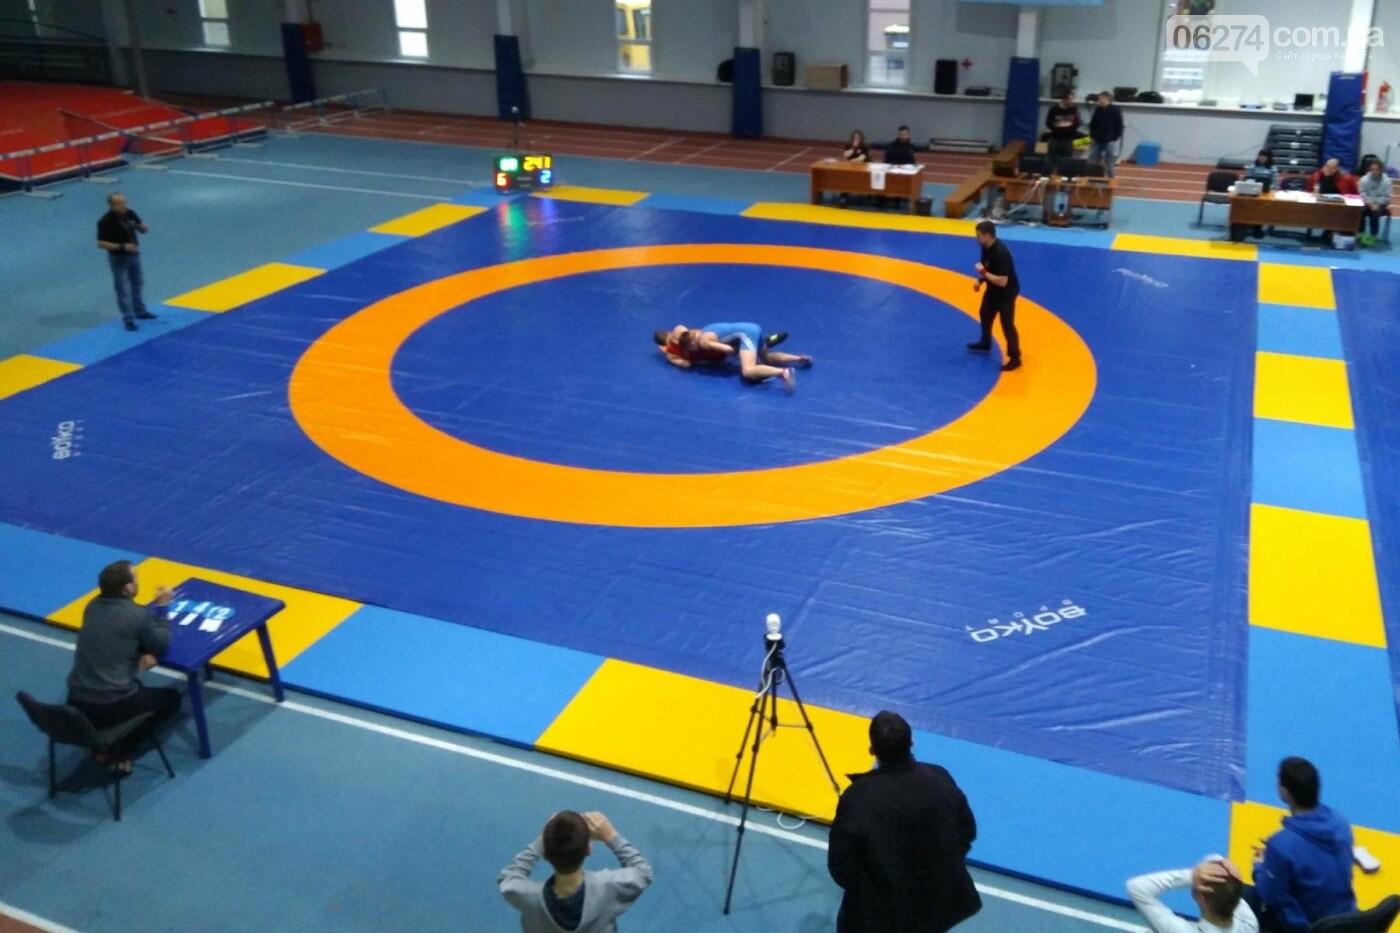 Областные соревнования по вольной борьбе в Бахмуте стали репетицией Чемпионата Украины, фото-4